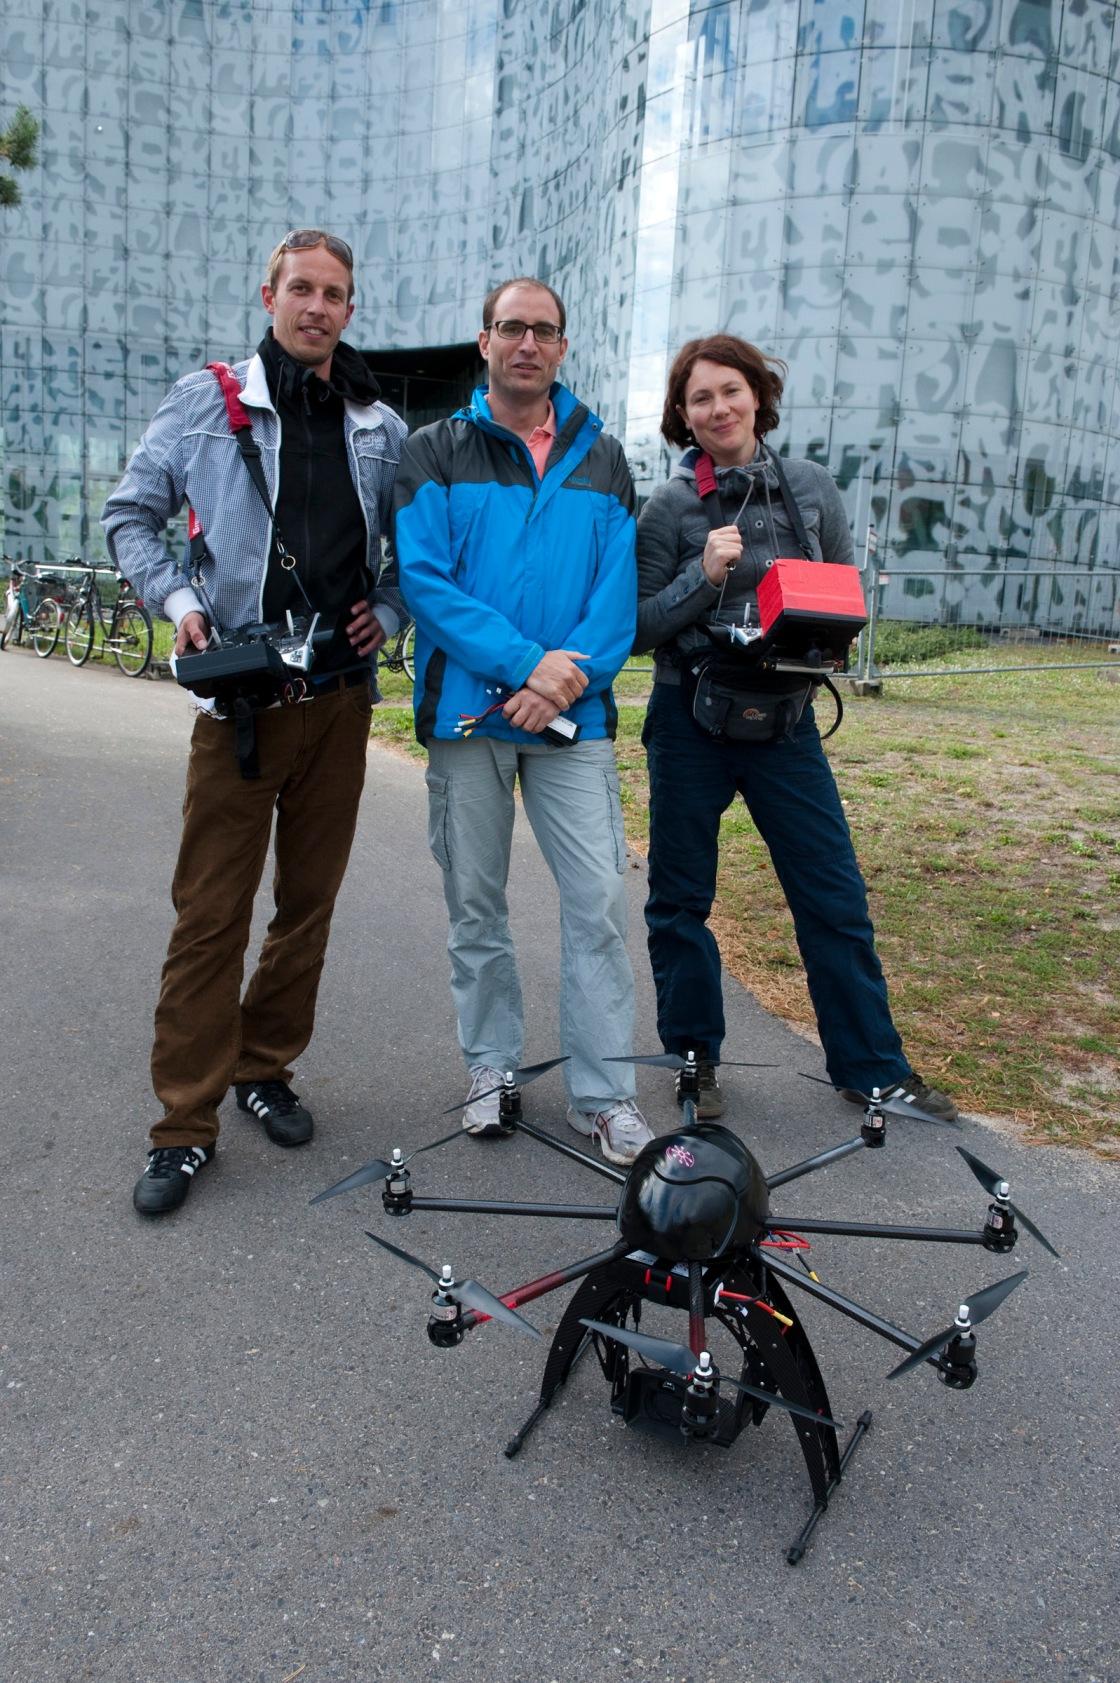 """Das """"Drone-Team"""": Fabian, Max und Elke (v.l.n.r) vor der Uni-Bibliothek in Cottbus"""